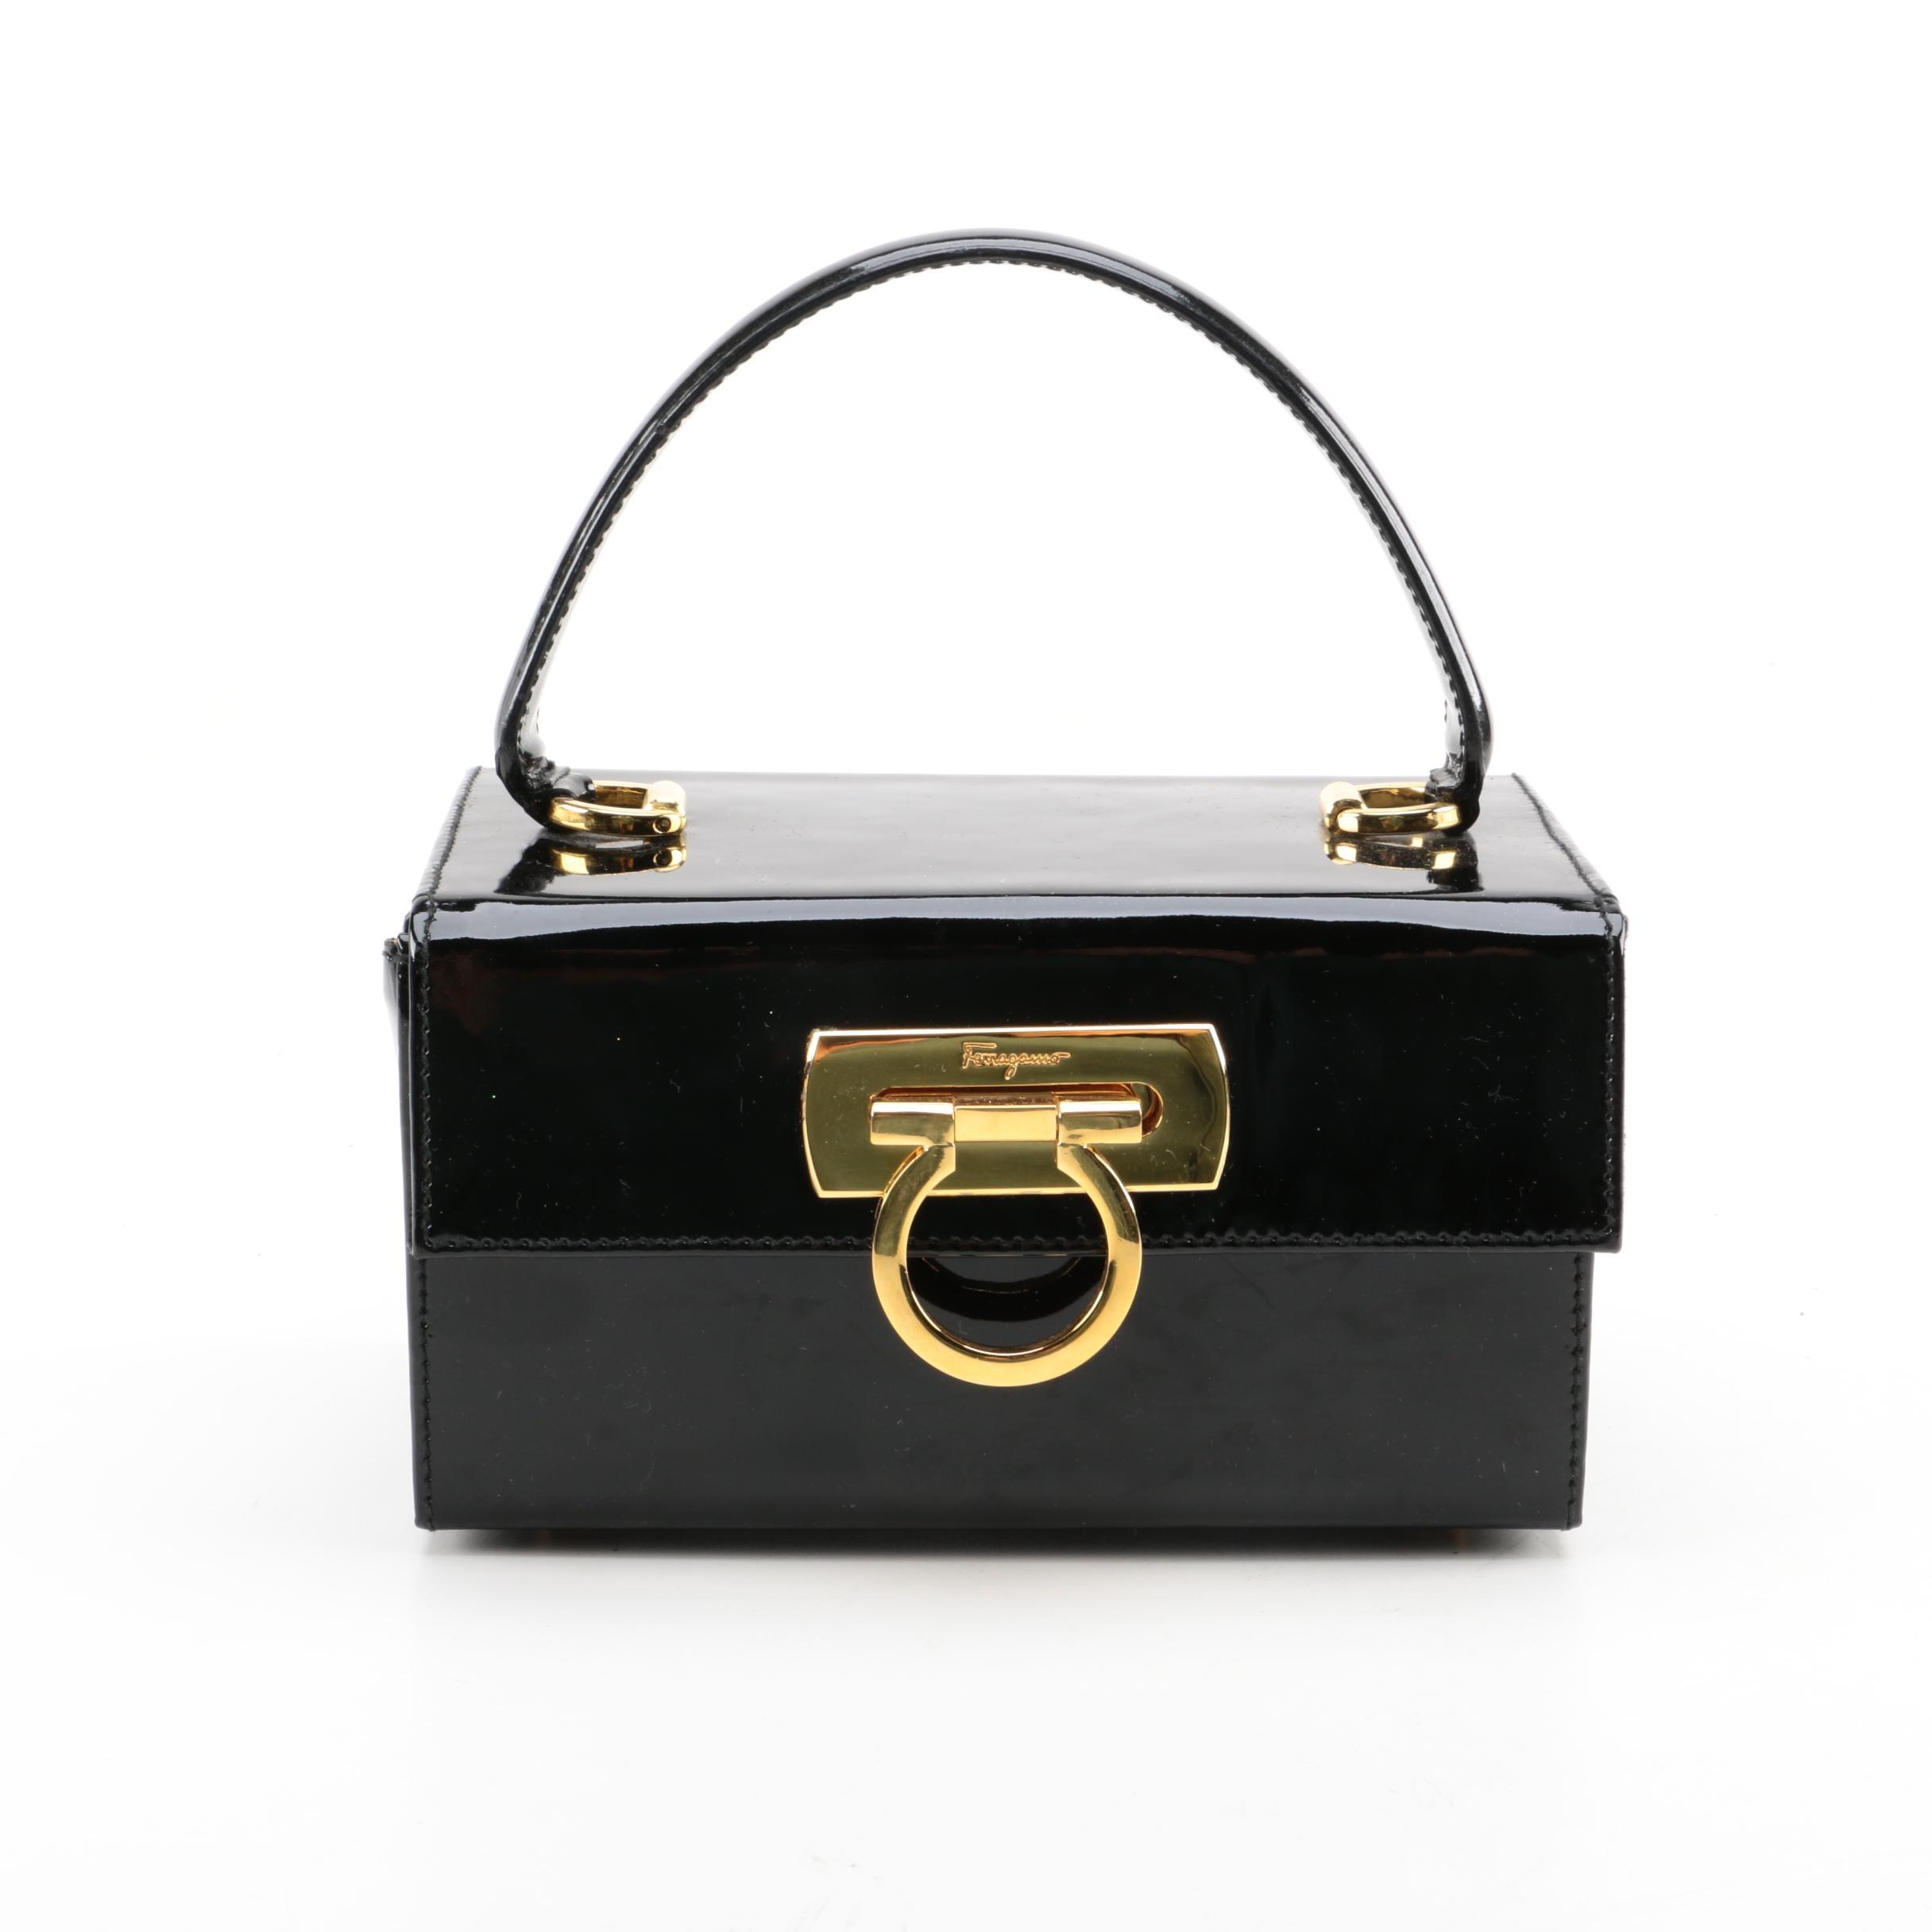 Salvatore Ferragamo Patent Leather Box Bag